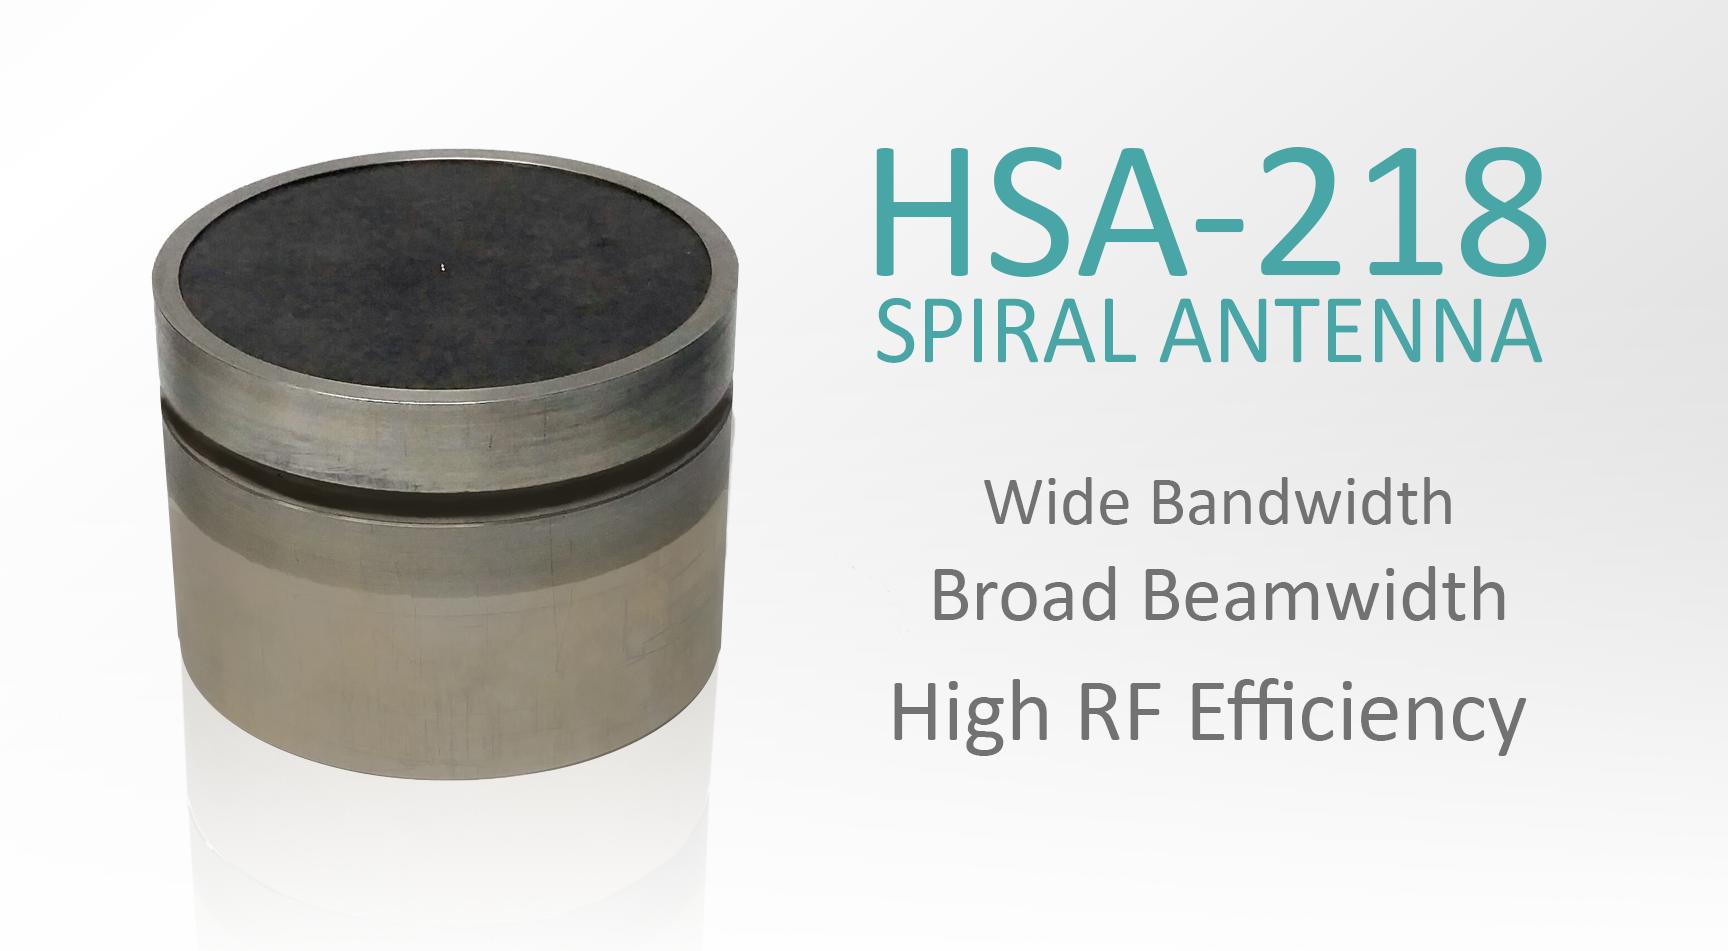 HSA-218 Compact Spiral Antenna